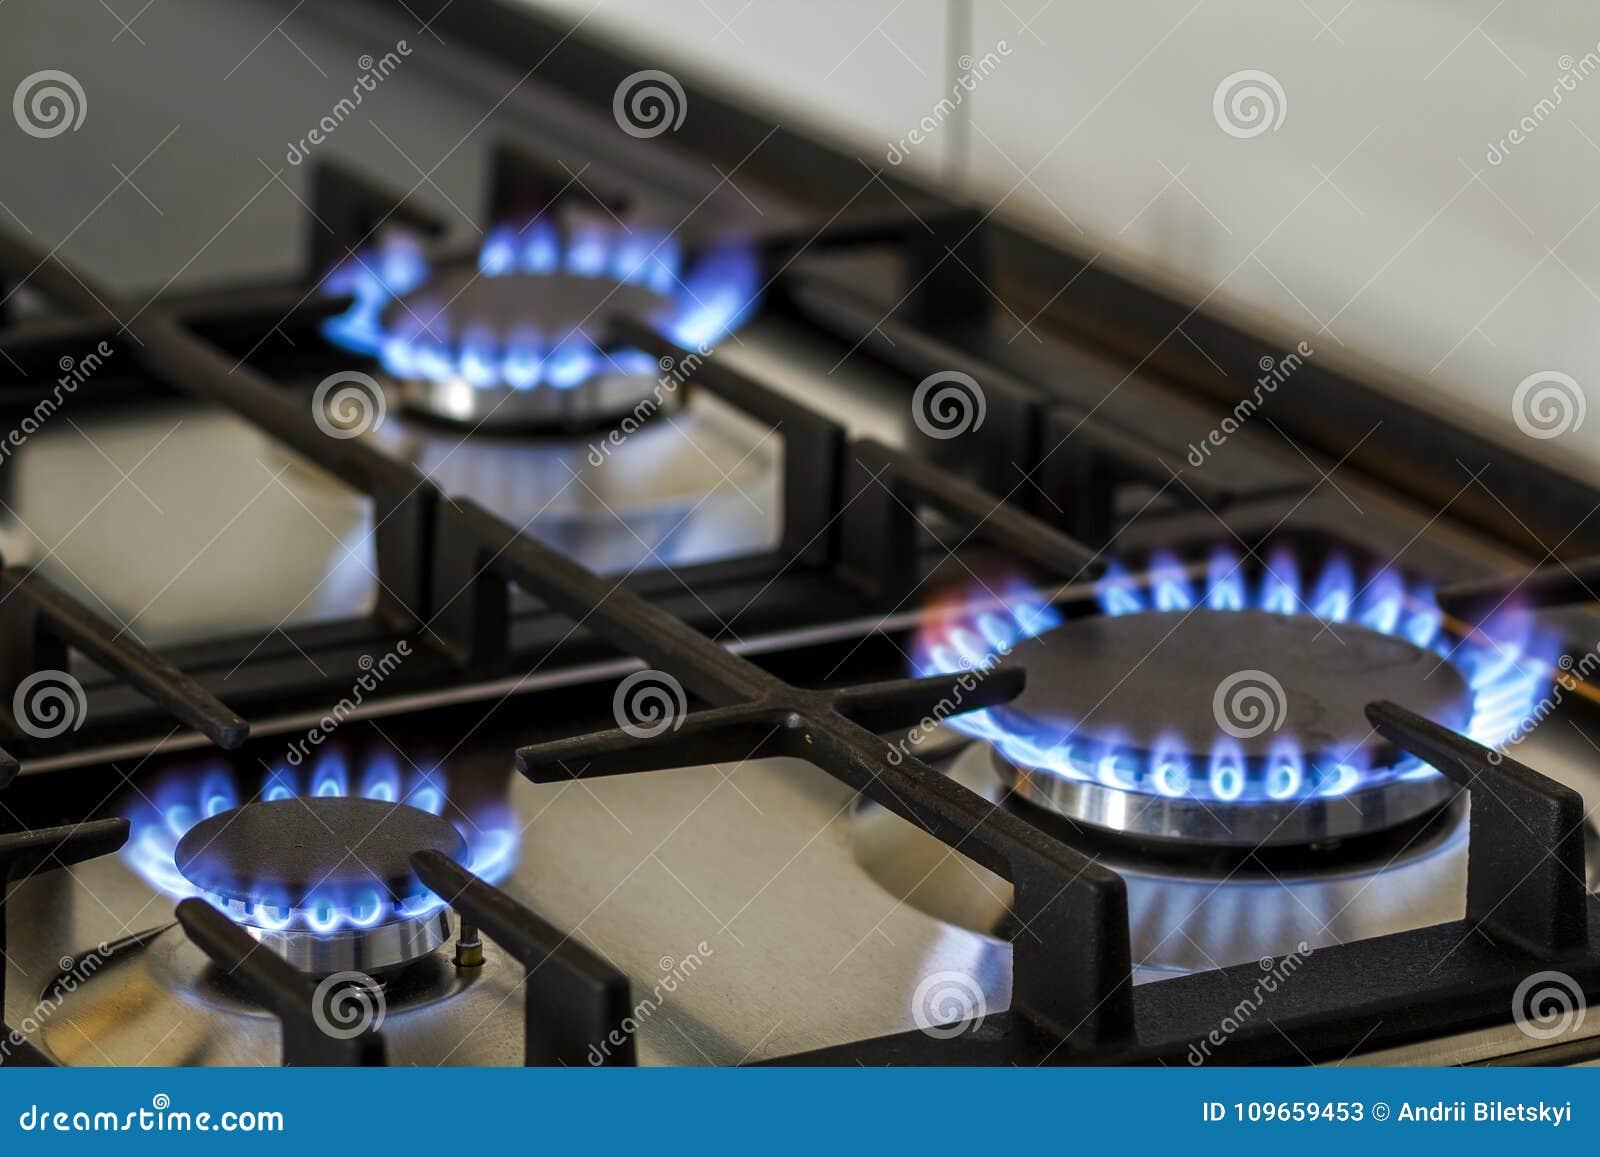 Erdgas, das auf Küchengasherd in der Dunkelheit brennt Platte vom Stahl mit einem Gaskocherbrenner auf einem schwarzen Hintergrun